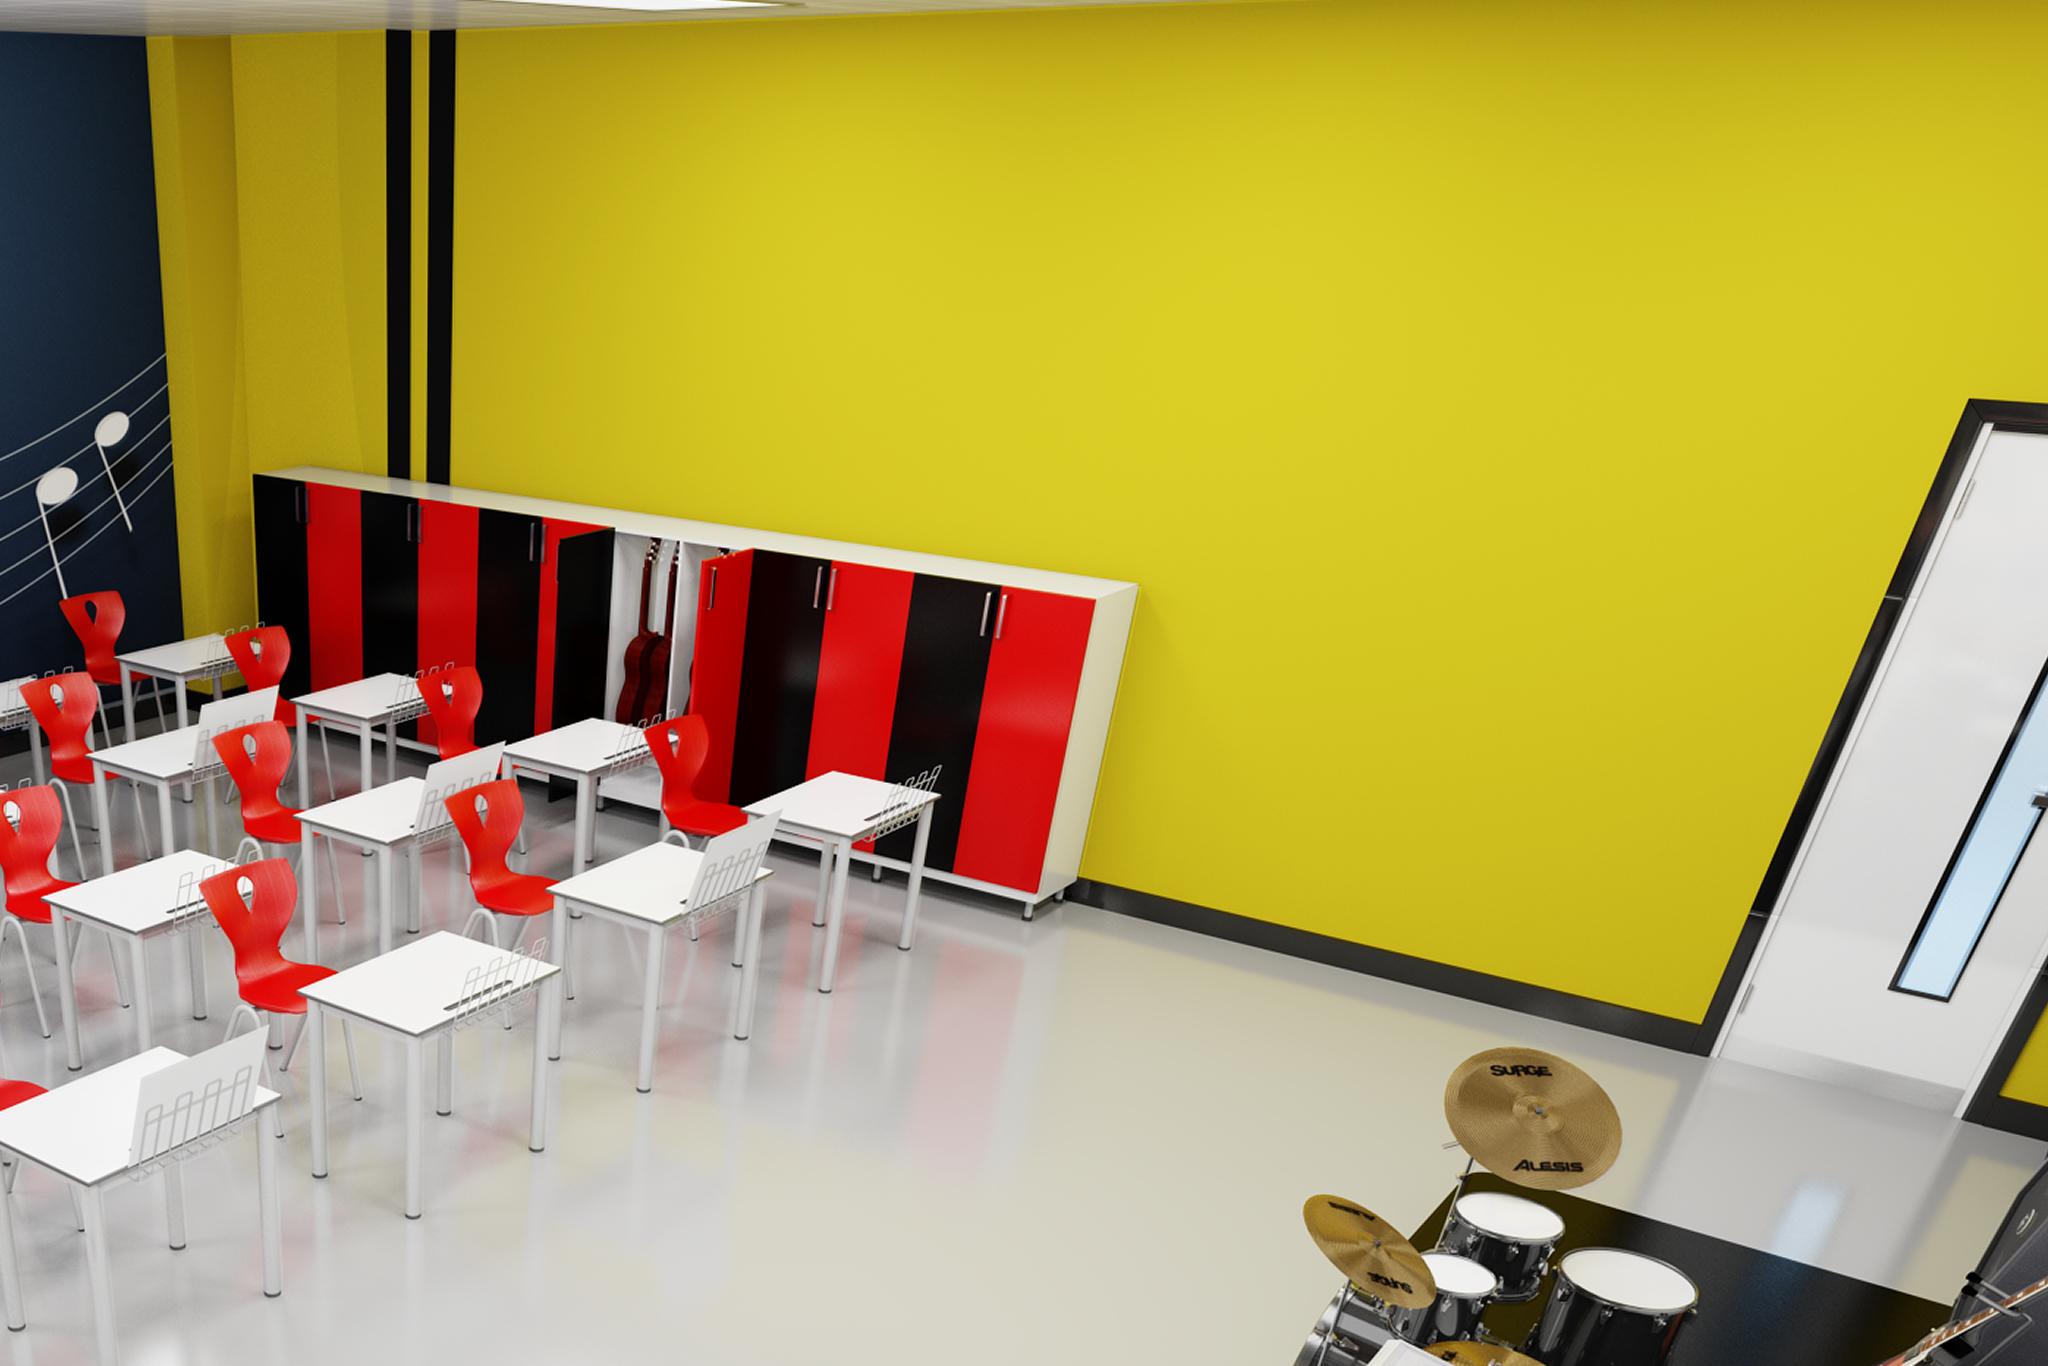 okul mobilyaları ile ilgili görsel sonucu